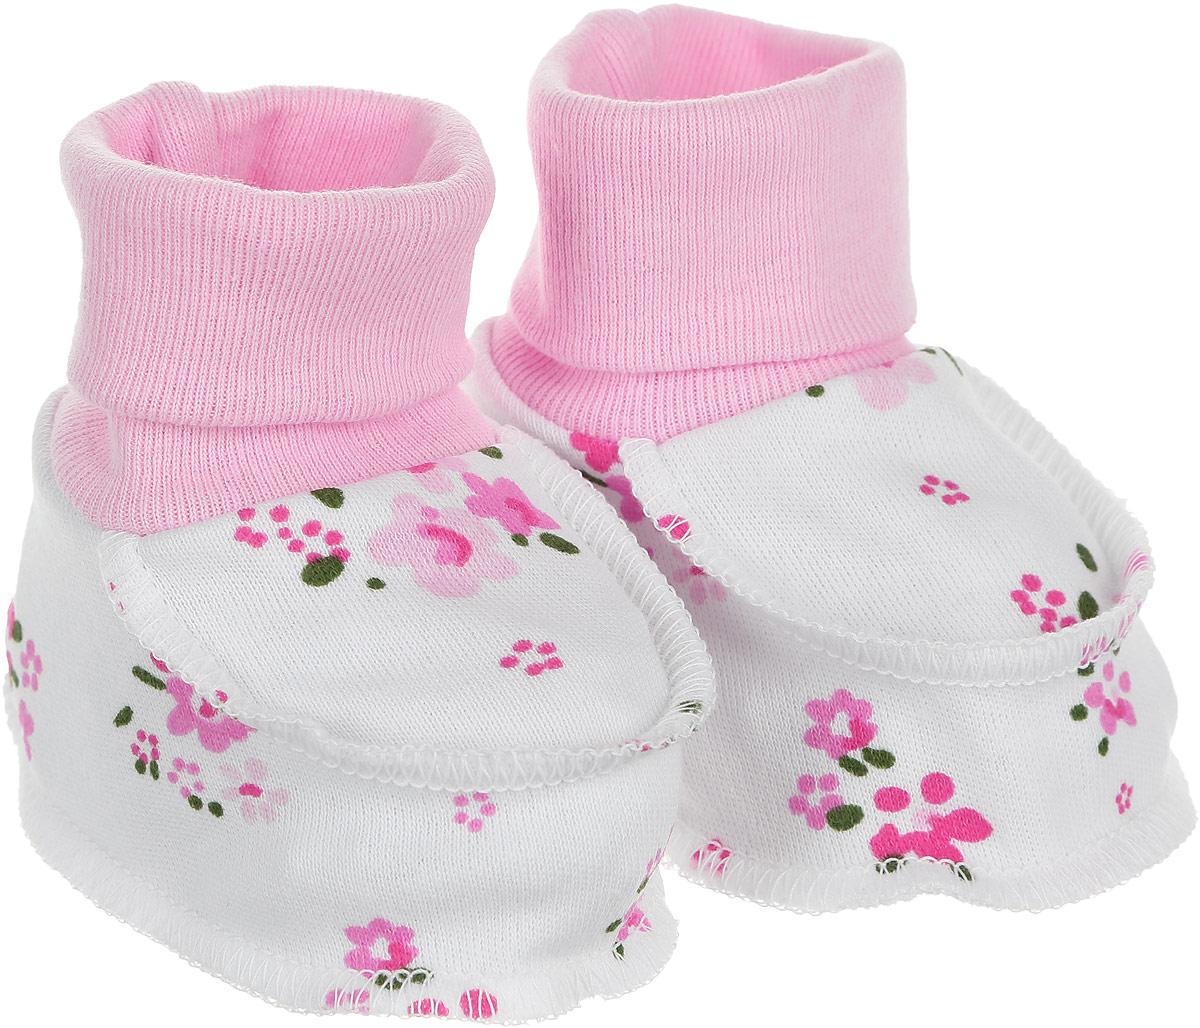 Пинетки для девочки Трон-плюс, цвет: белый, розовый, зеленый. 5912_ОЗ14_цветы. Размер 62, 3 месяца5912_ОЗ14_цветыМягкие и легкие пинетки Трон-плюс идеально подойдут для маленьких ножек вашей малышки. Изделие изготовлено из натурального хлопка, отлично пропускает воздух, обеспечивая комфорт. Швы выполнены наружу, что будет для ребенка особенно удобным. Пинетки дополнены широкой эластичной резинкой, которая не сдавливает ножку младенца. Модель оформлена цветочным принтом.Такие пинетки - отличное решение для малышей и их родителей!